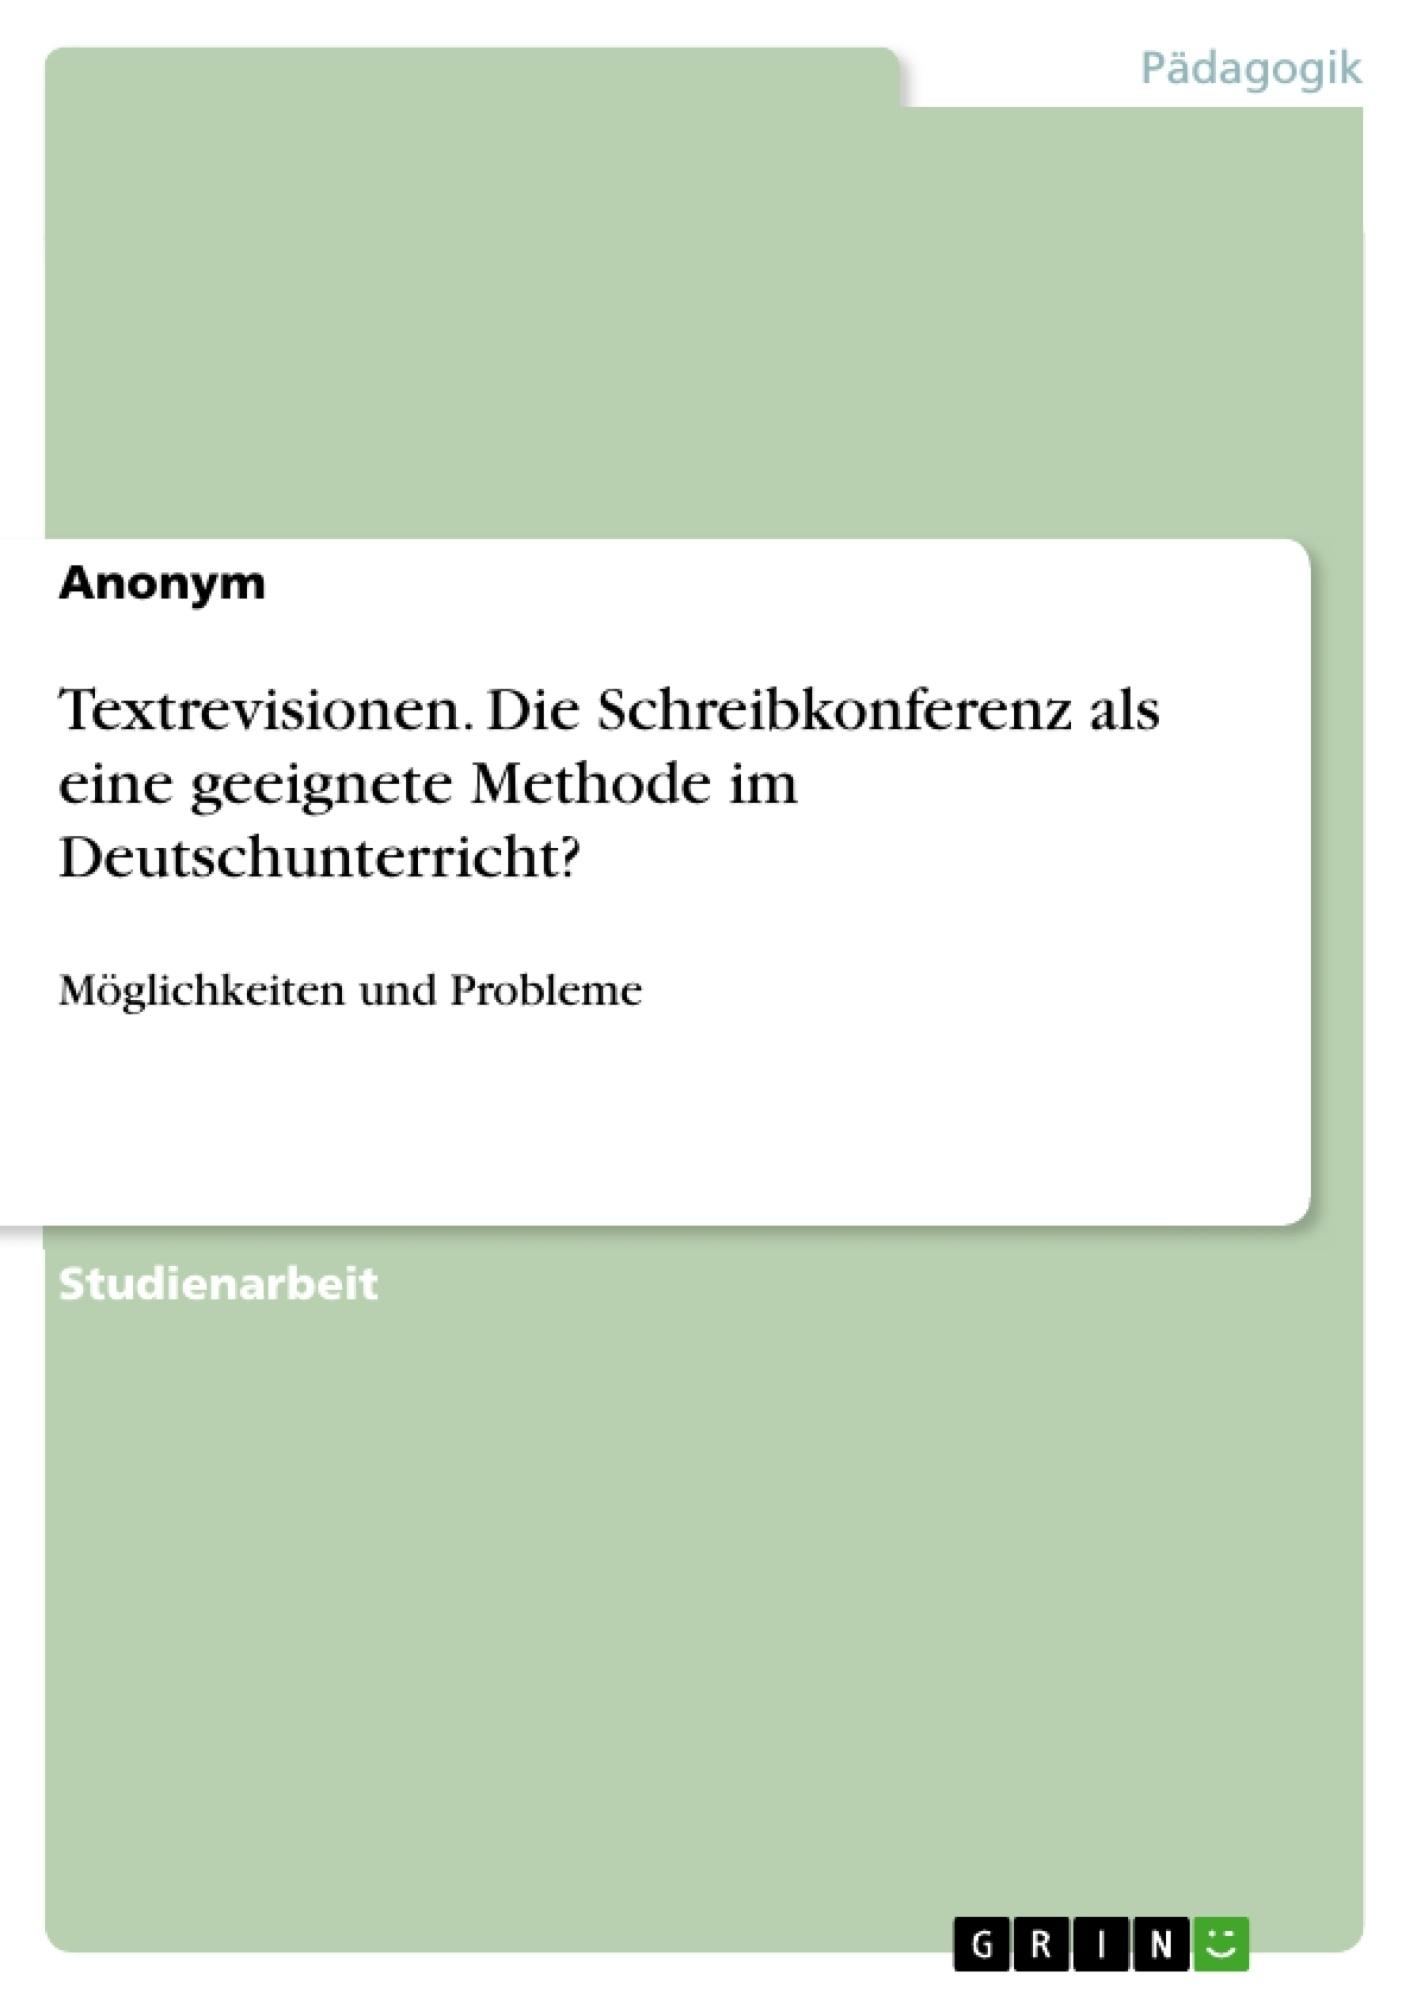 Titel: Textrevisionen. Die Schreibkonferenz als eine geeignete Methode im Deutschunterricht?